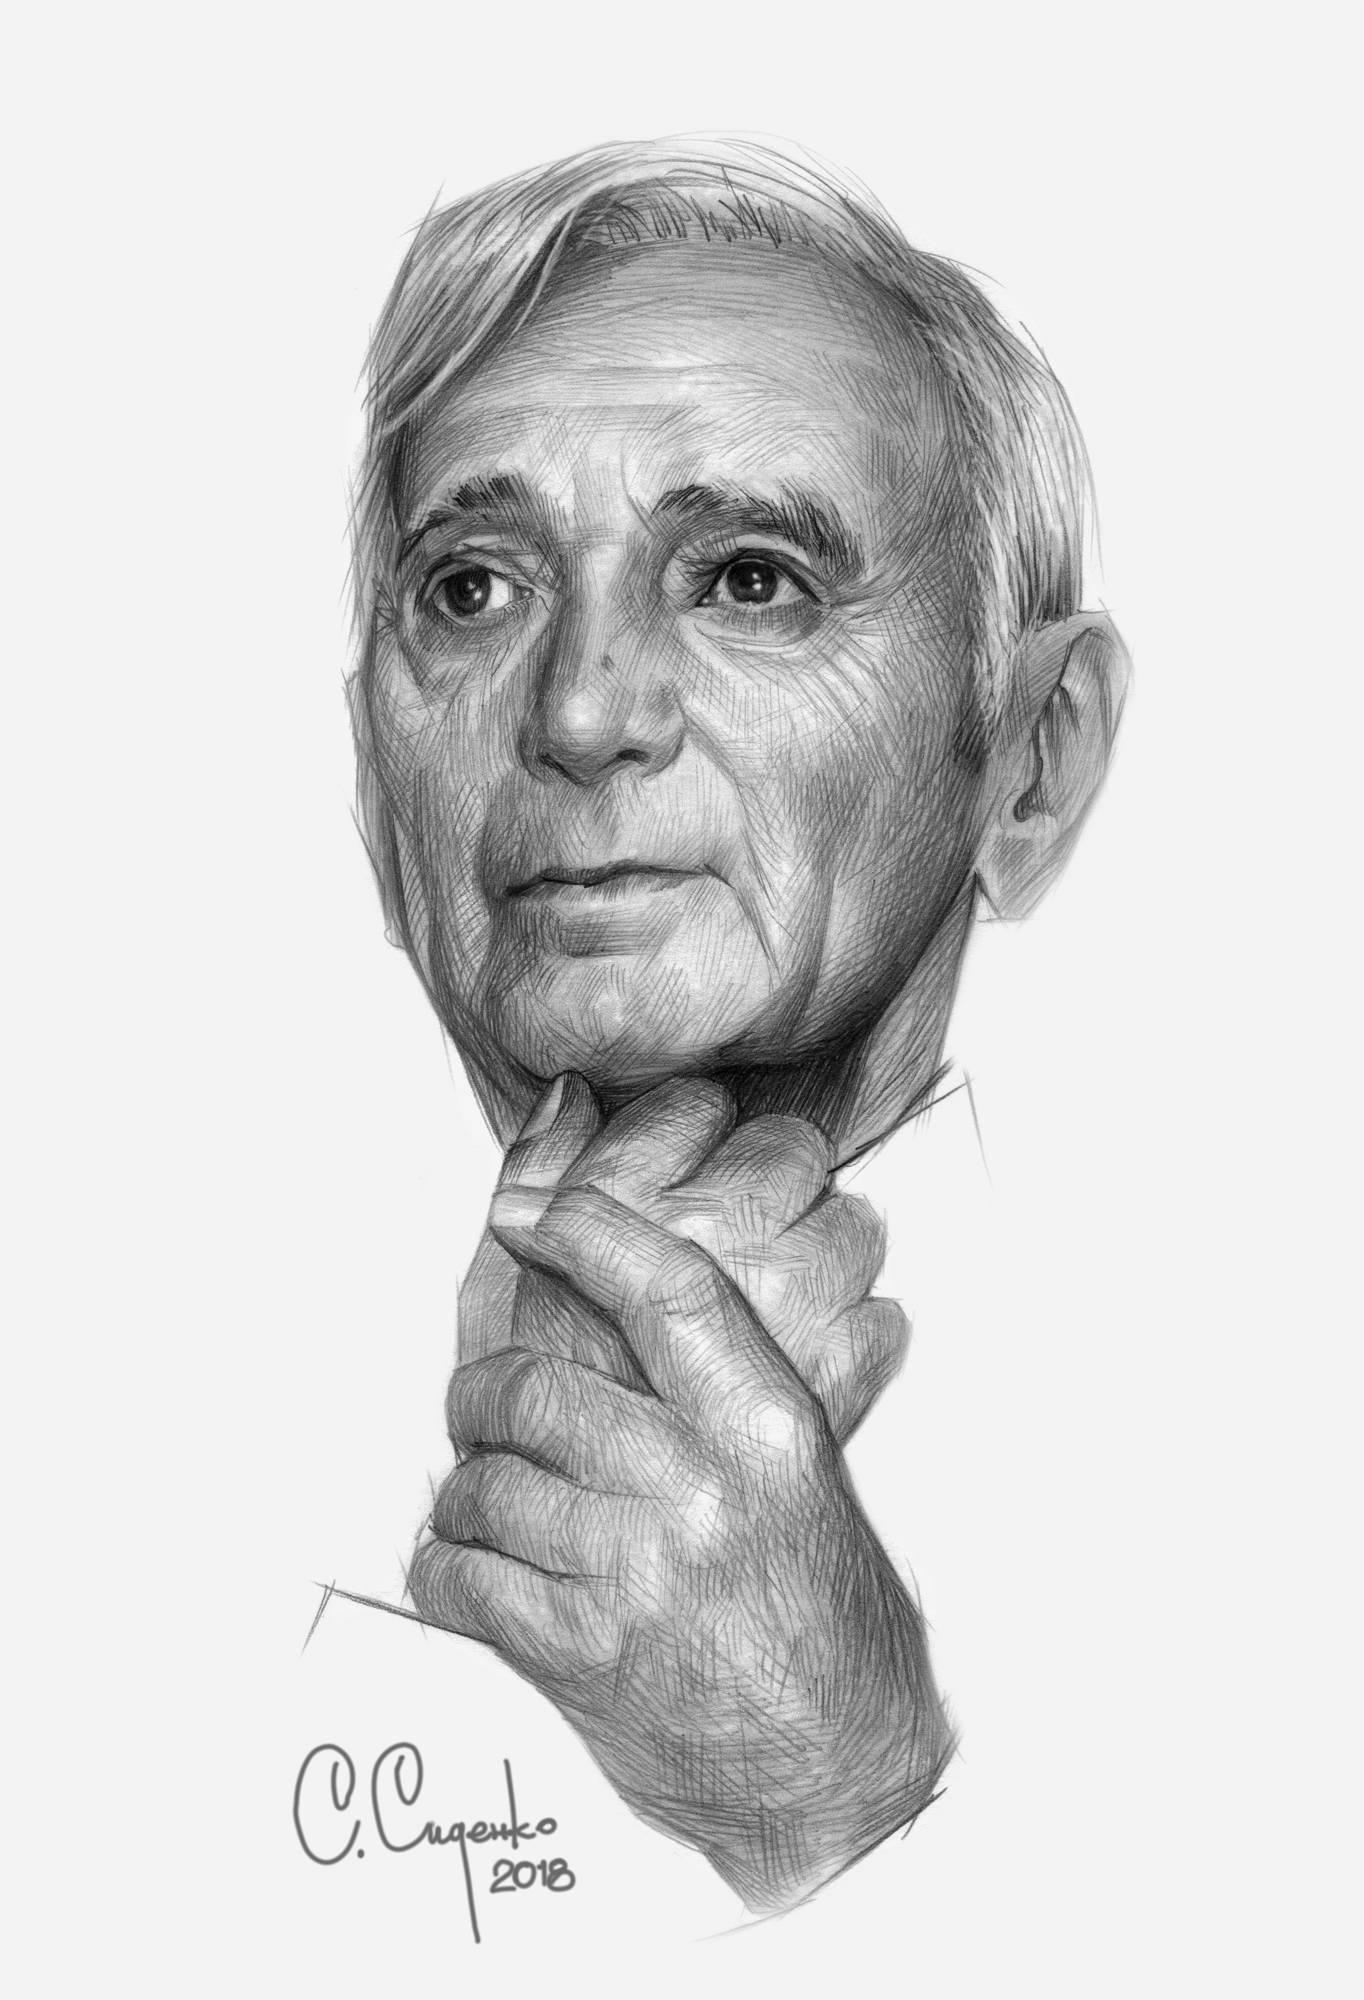 Шарль Азнаву́р (фр. Charles Aznavour, арм. Շառլ Ազնավուր; 22 мая 1924, Париж, Франция — 1 октября 2018, Мурьес, Франция) — французский шансонье, композитор, поэт, писатель и актёр армянского происхождения. Настоящее имя — Шахну́р Вахина́к Азнавуря́н (арм. Շահնուր Վաղինակ Ազնավուրյան). Будучи одним из популярнейших исполнителей Франции, он также хорошо известен далеко за её пределами. Является олицетворением французской песни. Азнавур написал около 1300 песен, сыграл в 60 фильмах и продал более 200 млн. дисков. Согласно совместному опросу журнала Time и телеканала CNN, Азнавур признан лучшим эстрадным исполнителем XX века, внесен в зал славы песенных авторов.  (Wikipedia)